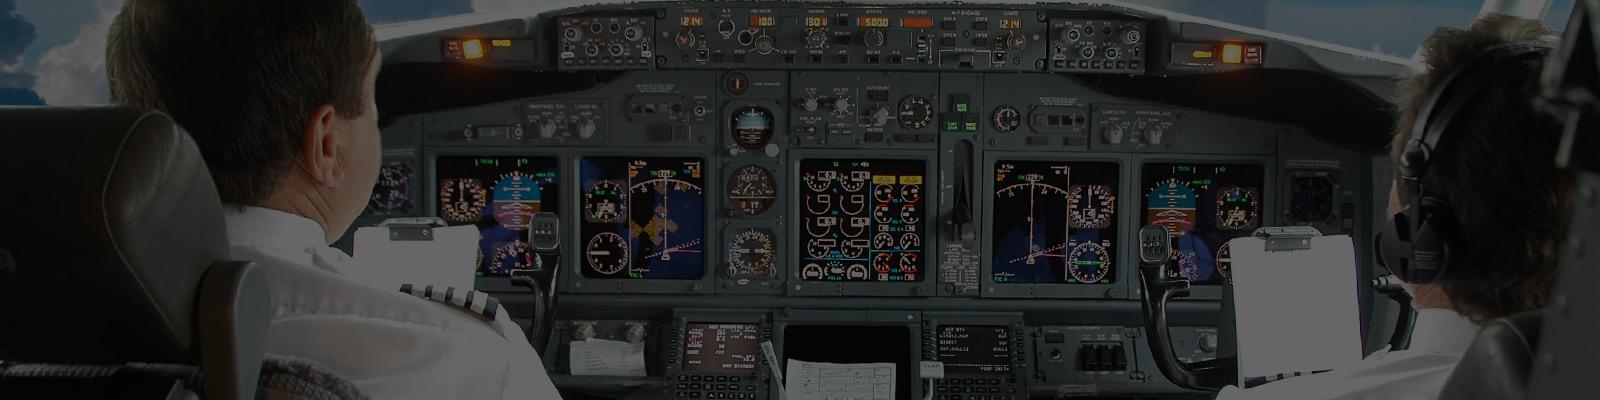 hdr-avionics